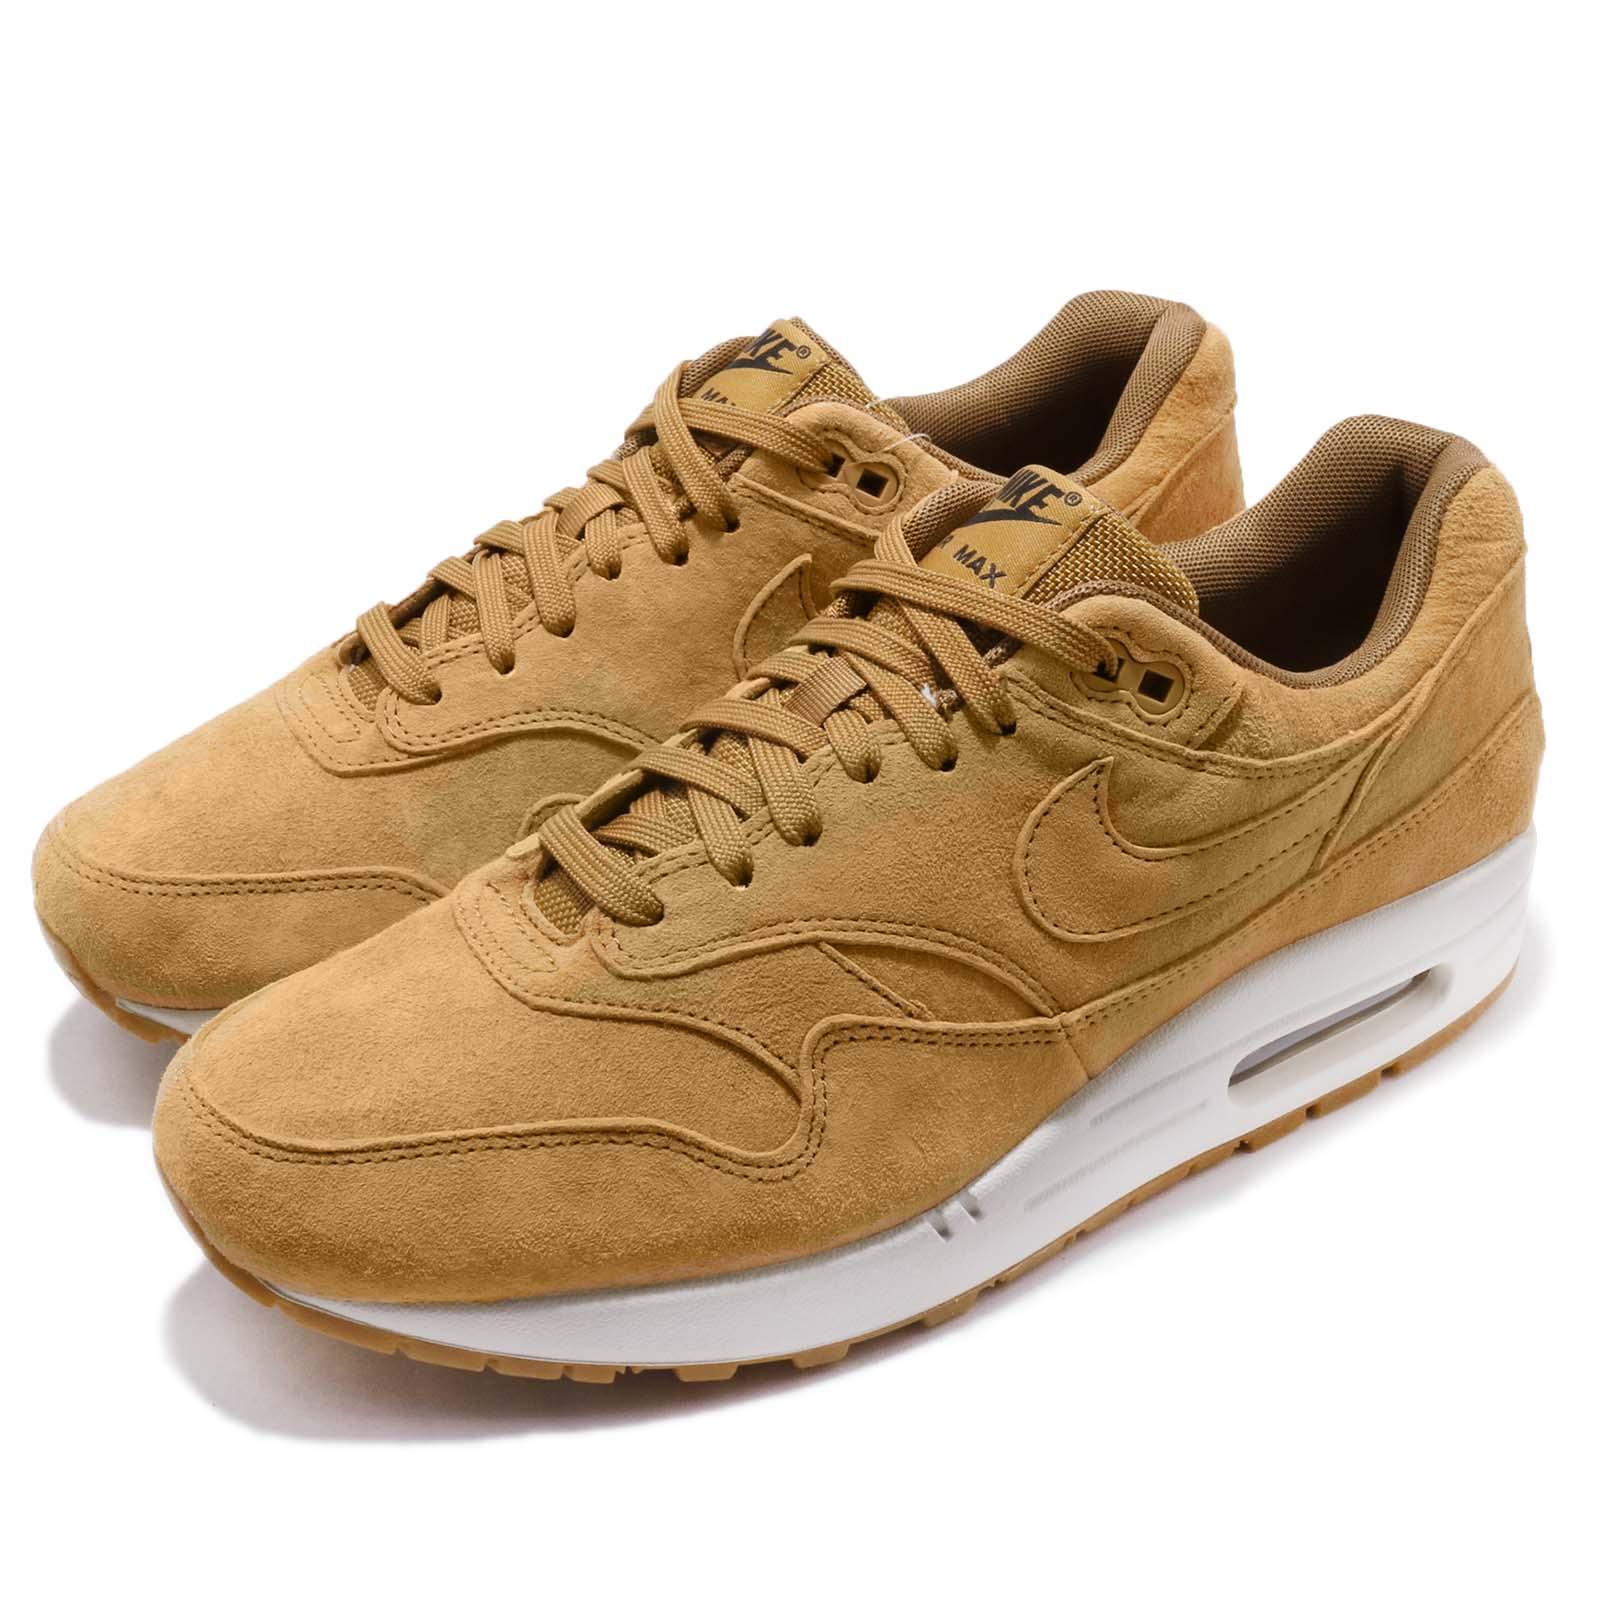 Nike Air Max 1 Premium 男女鞋 875844-701